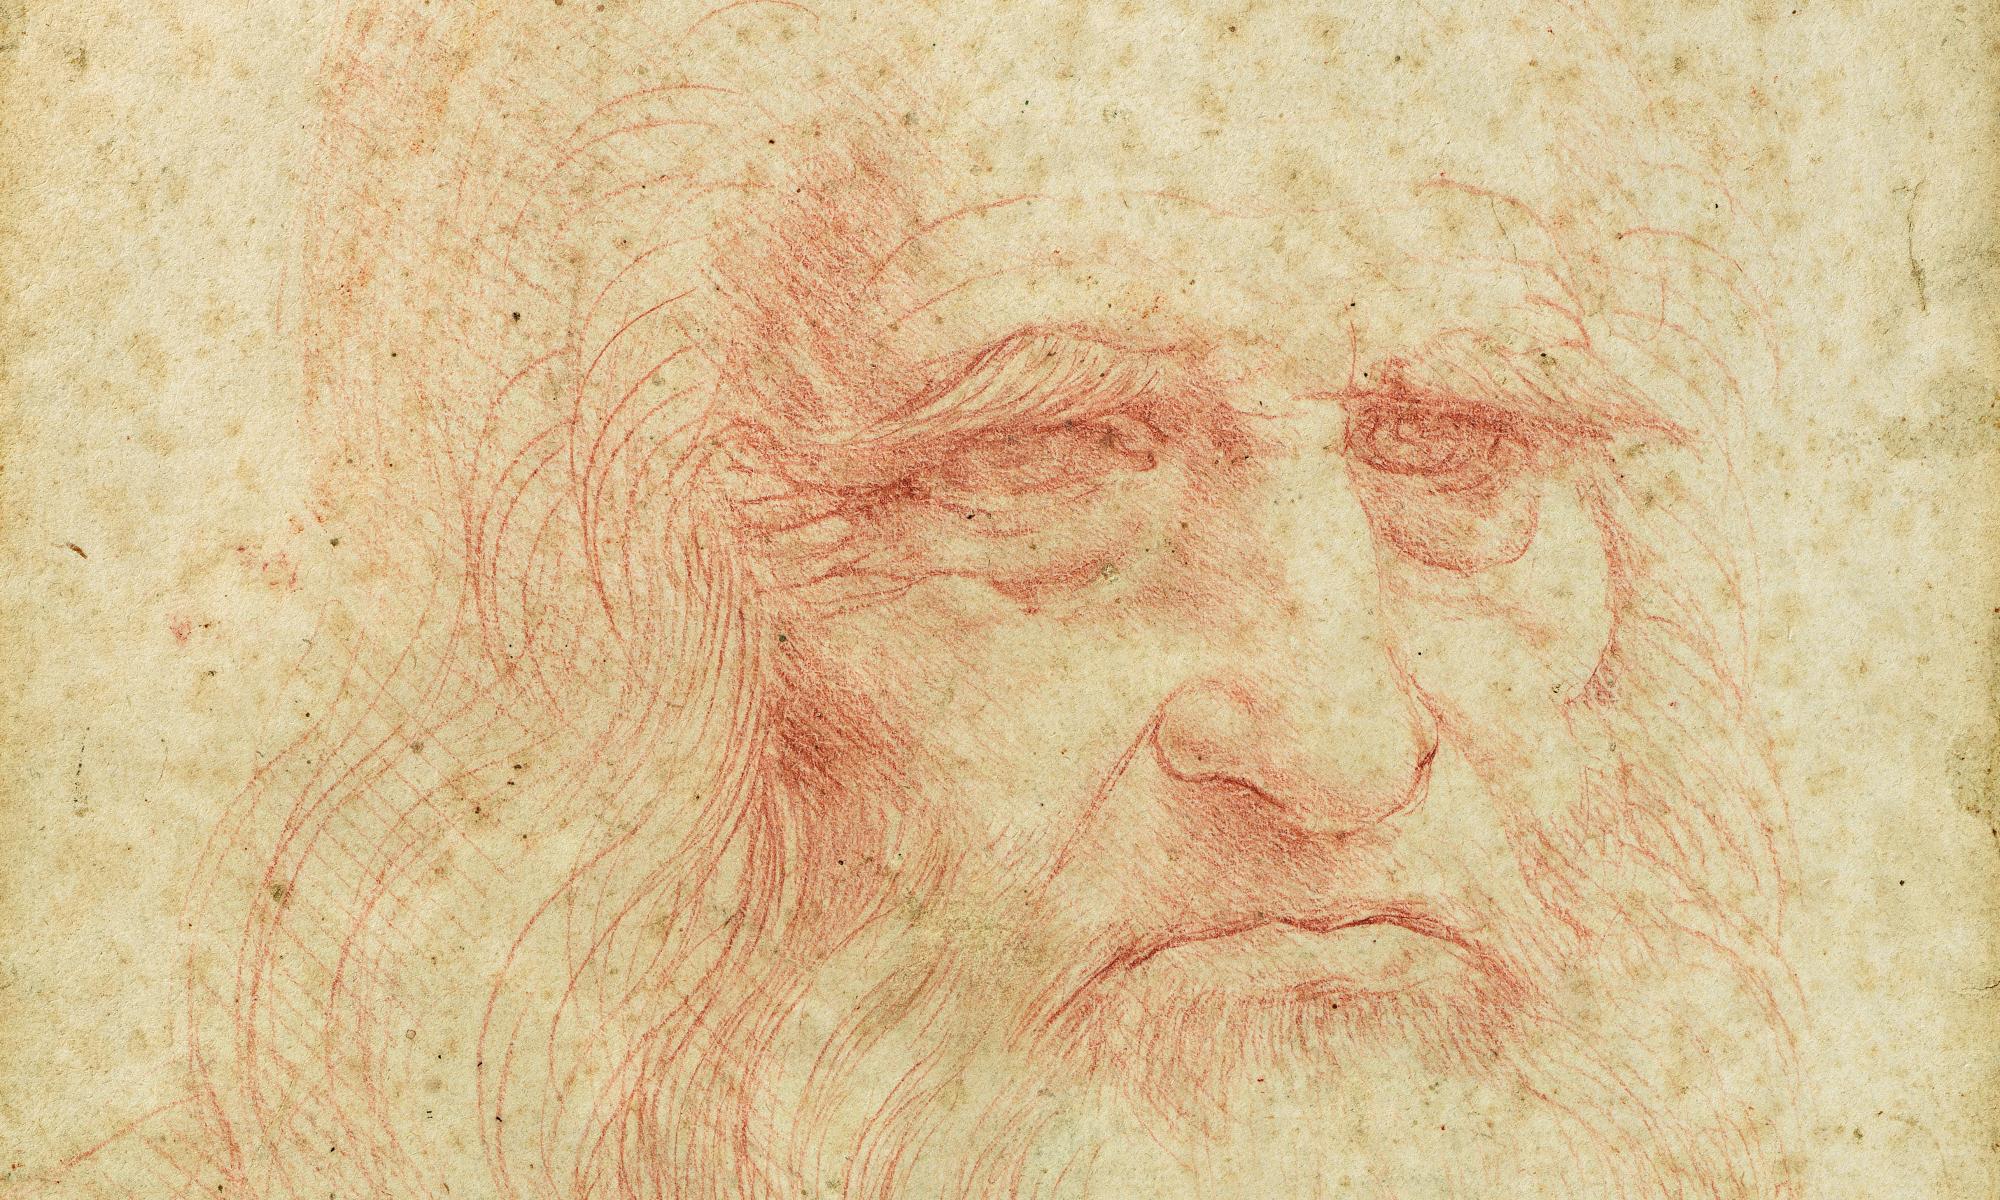 Torino celebra Leonardo da Vinci con una mostra da oltre cinquanta disegni, inclusi alcuni capolavori